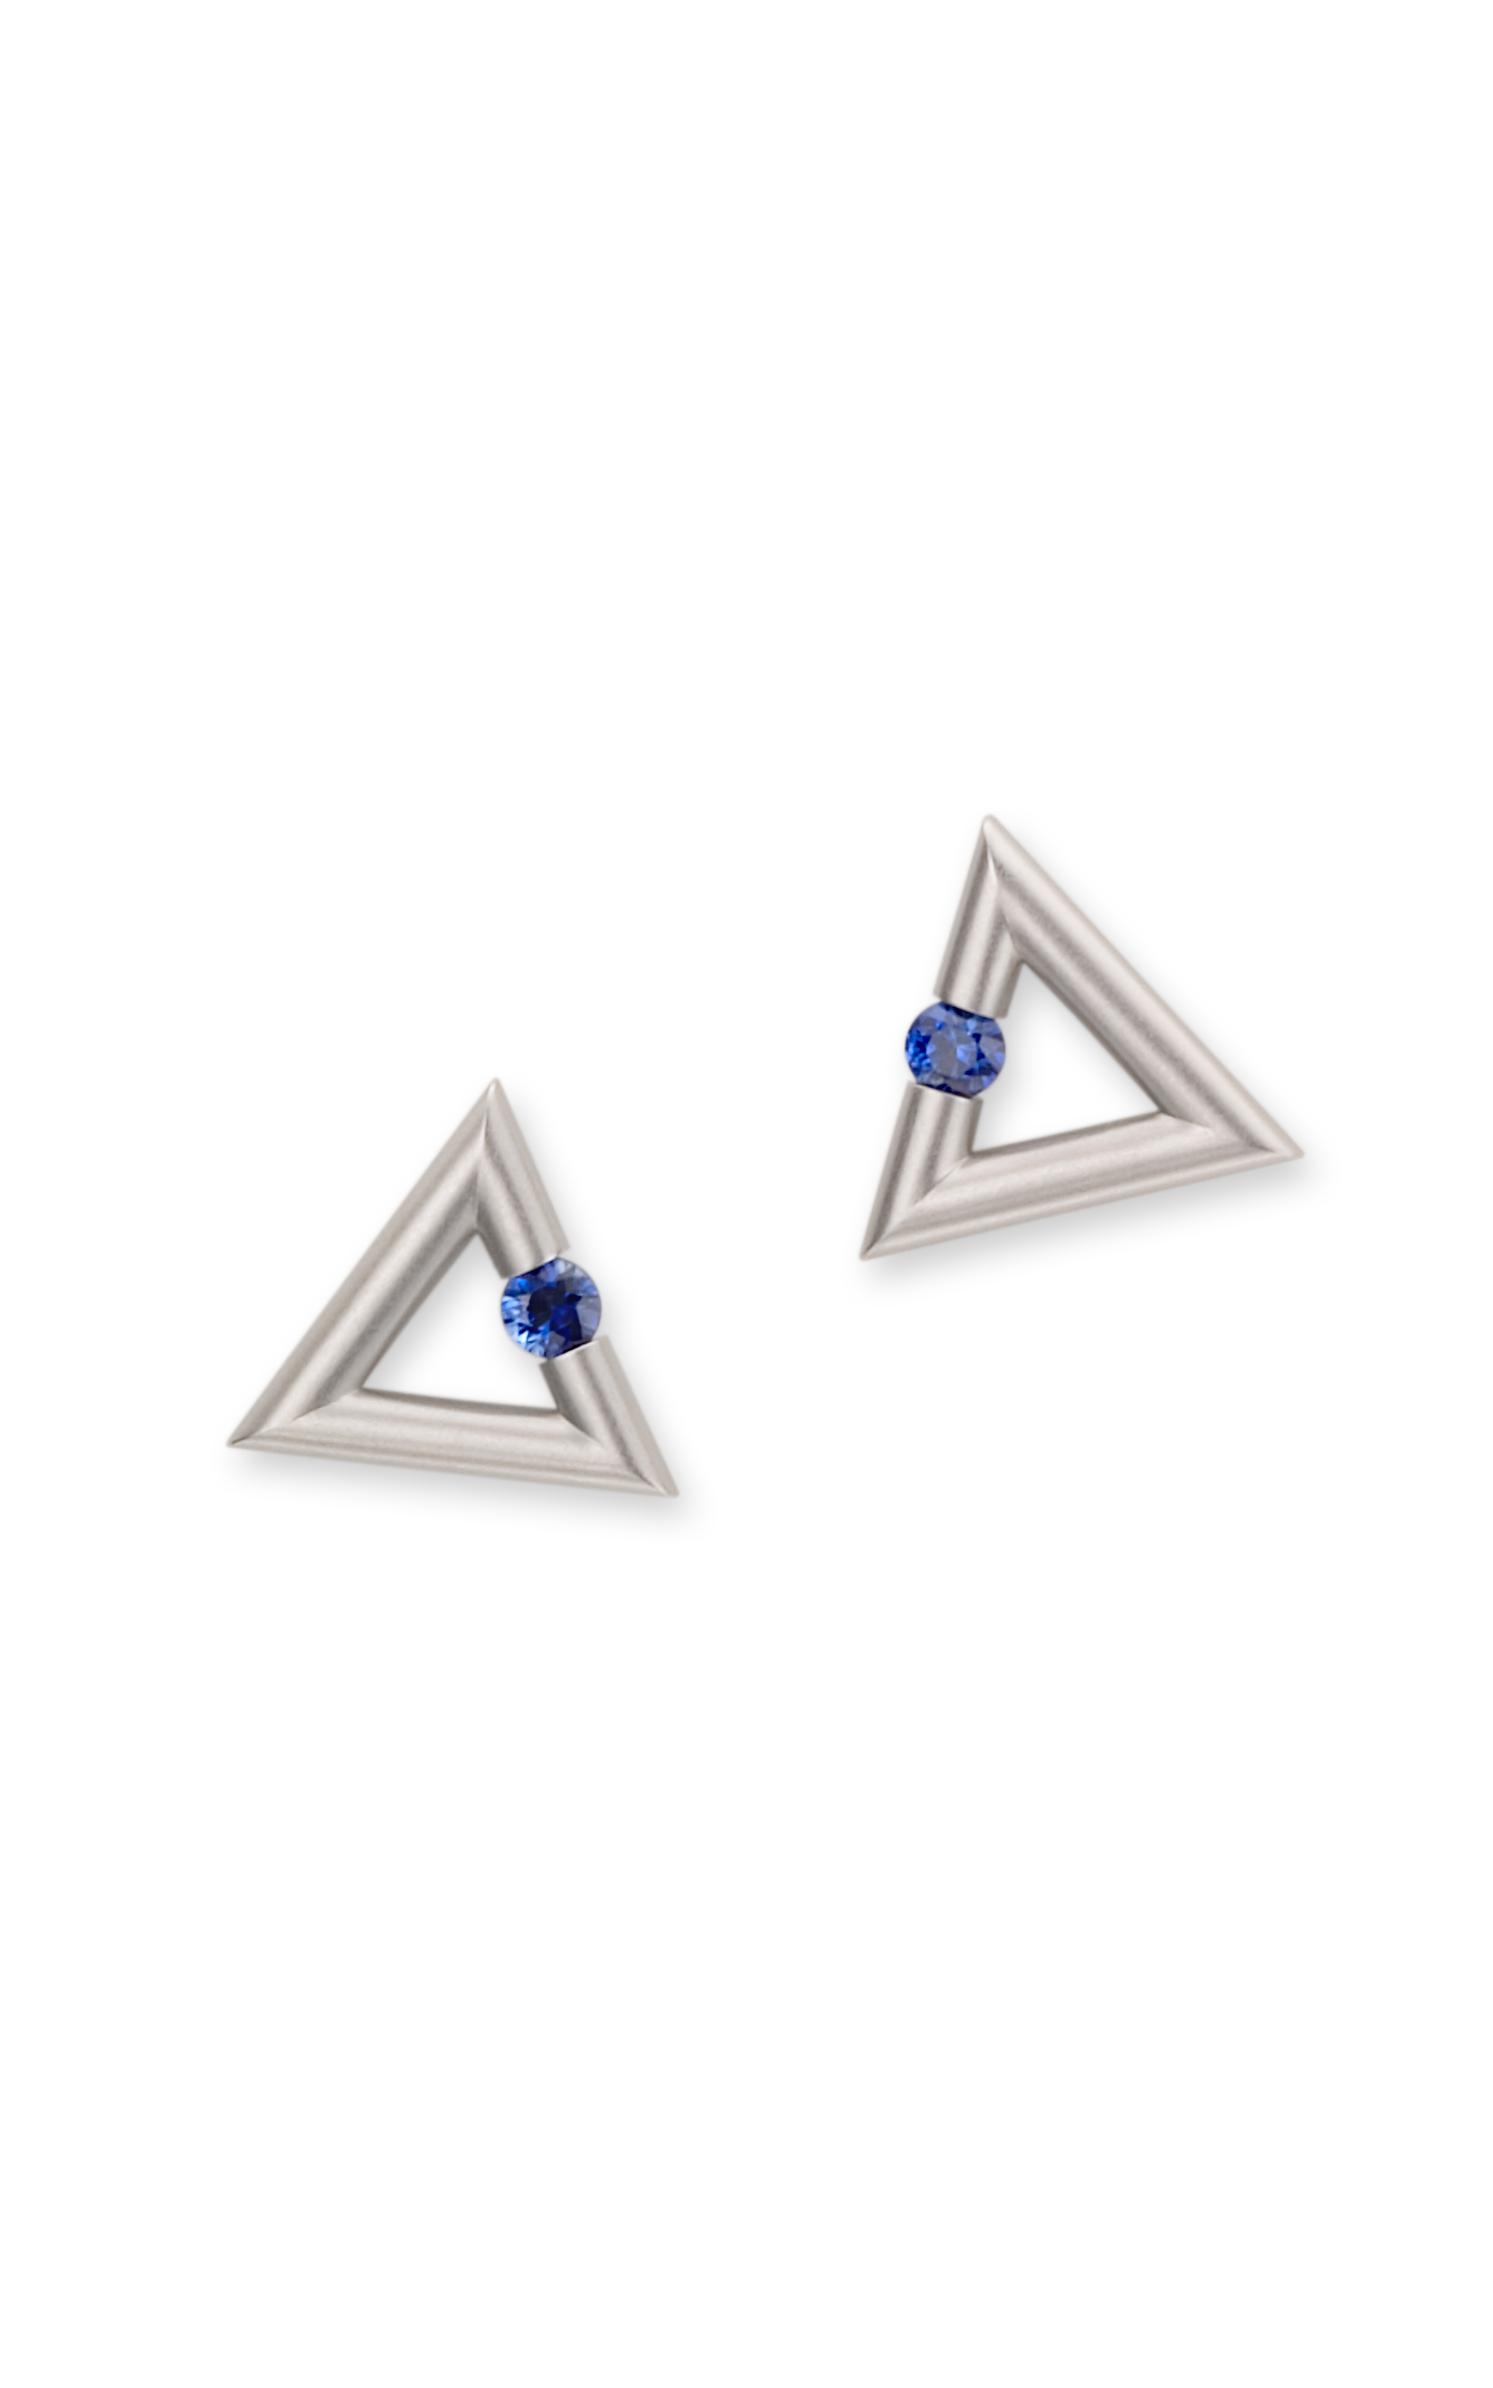 Shop Steven Kretchmer Micro Triangle Earrings